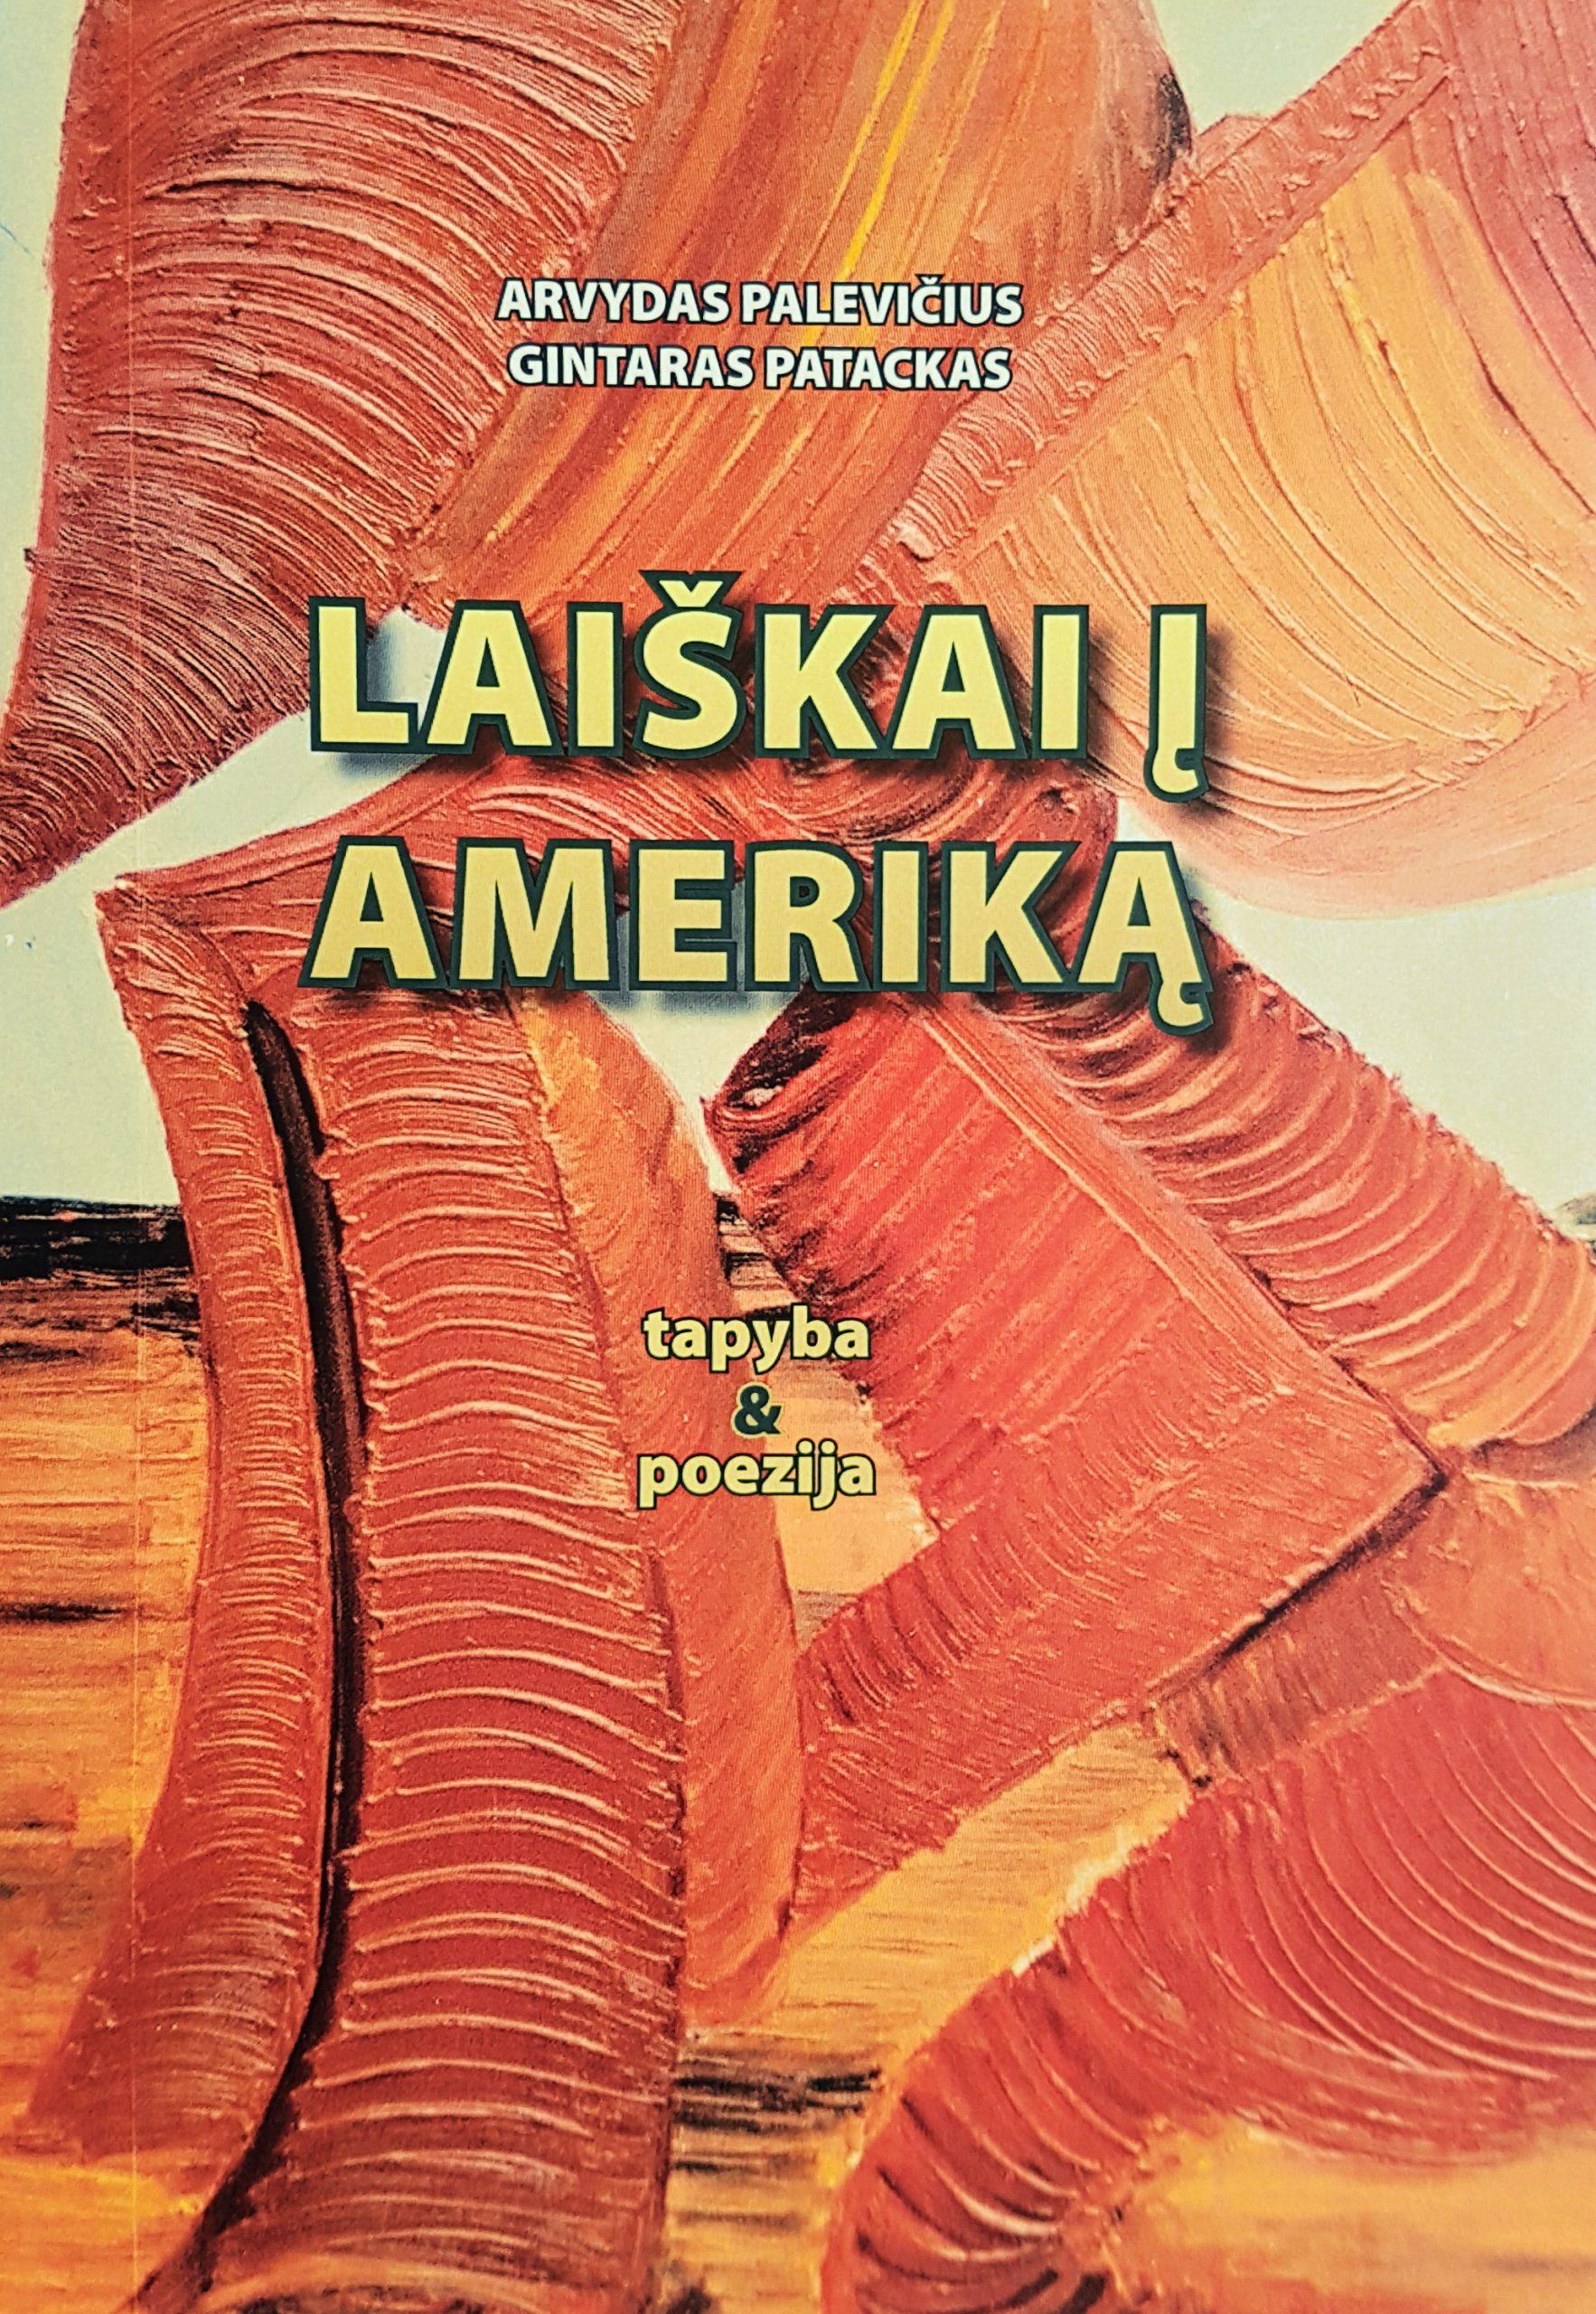 """Gintaras Patackas, Arvydas Palevičius. """"Laiškai į Ameriką: tapyba & poezija"""" (Kaunas: MB Kitos spalvos, 2020)"""